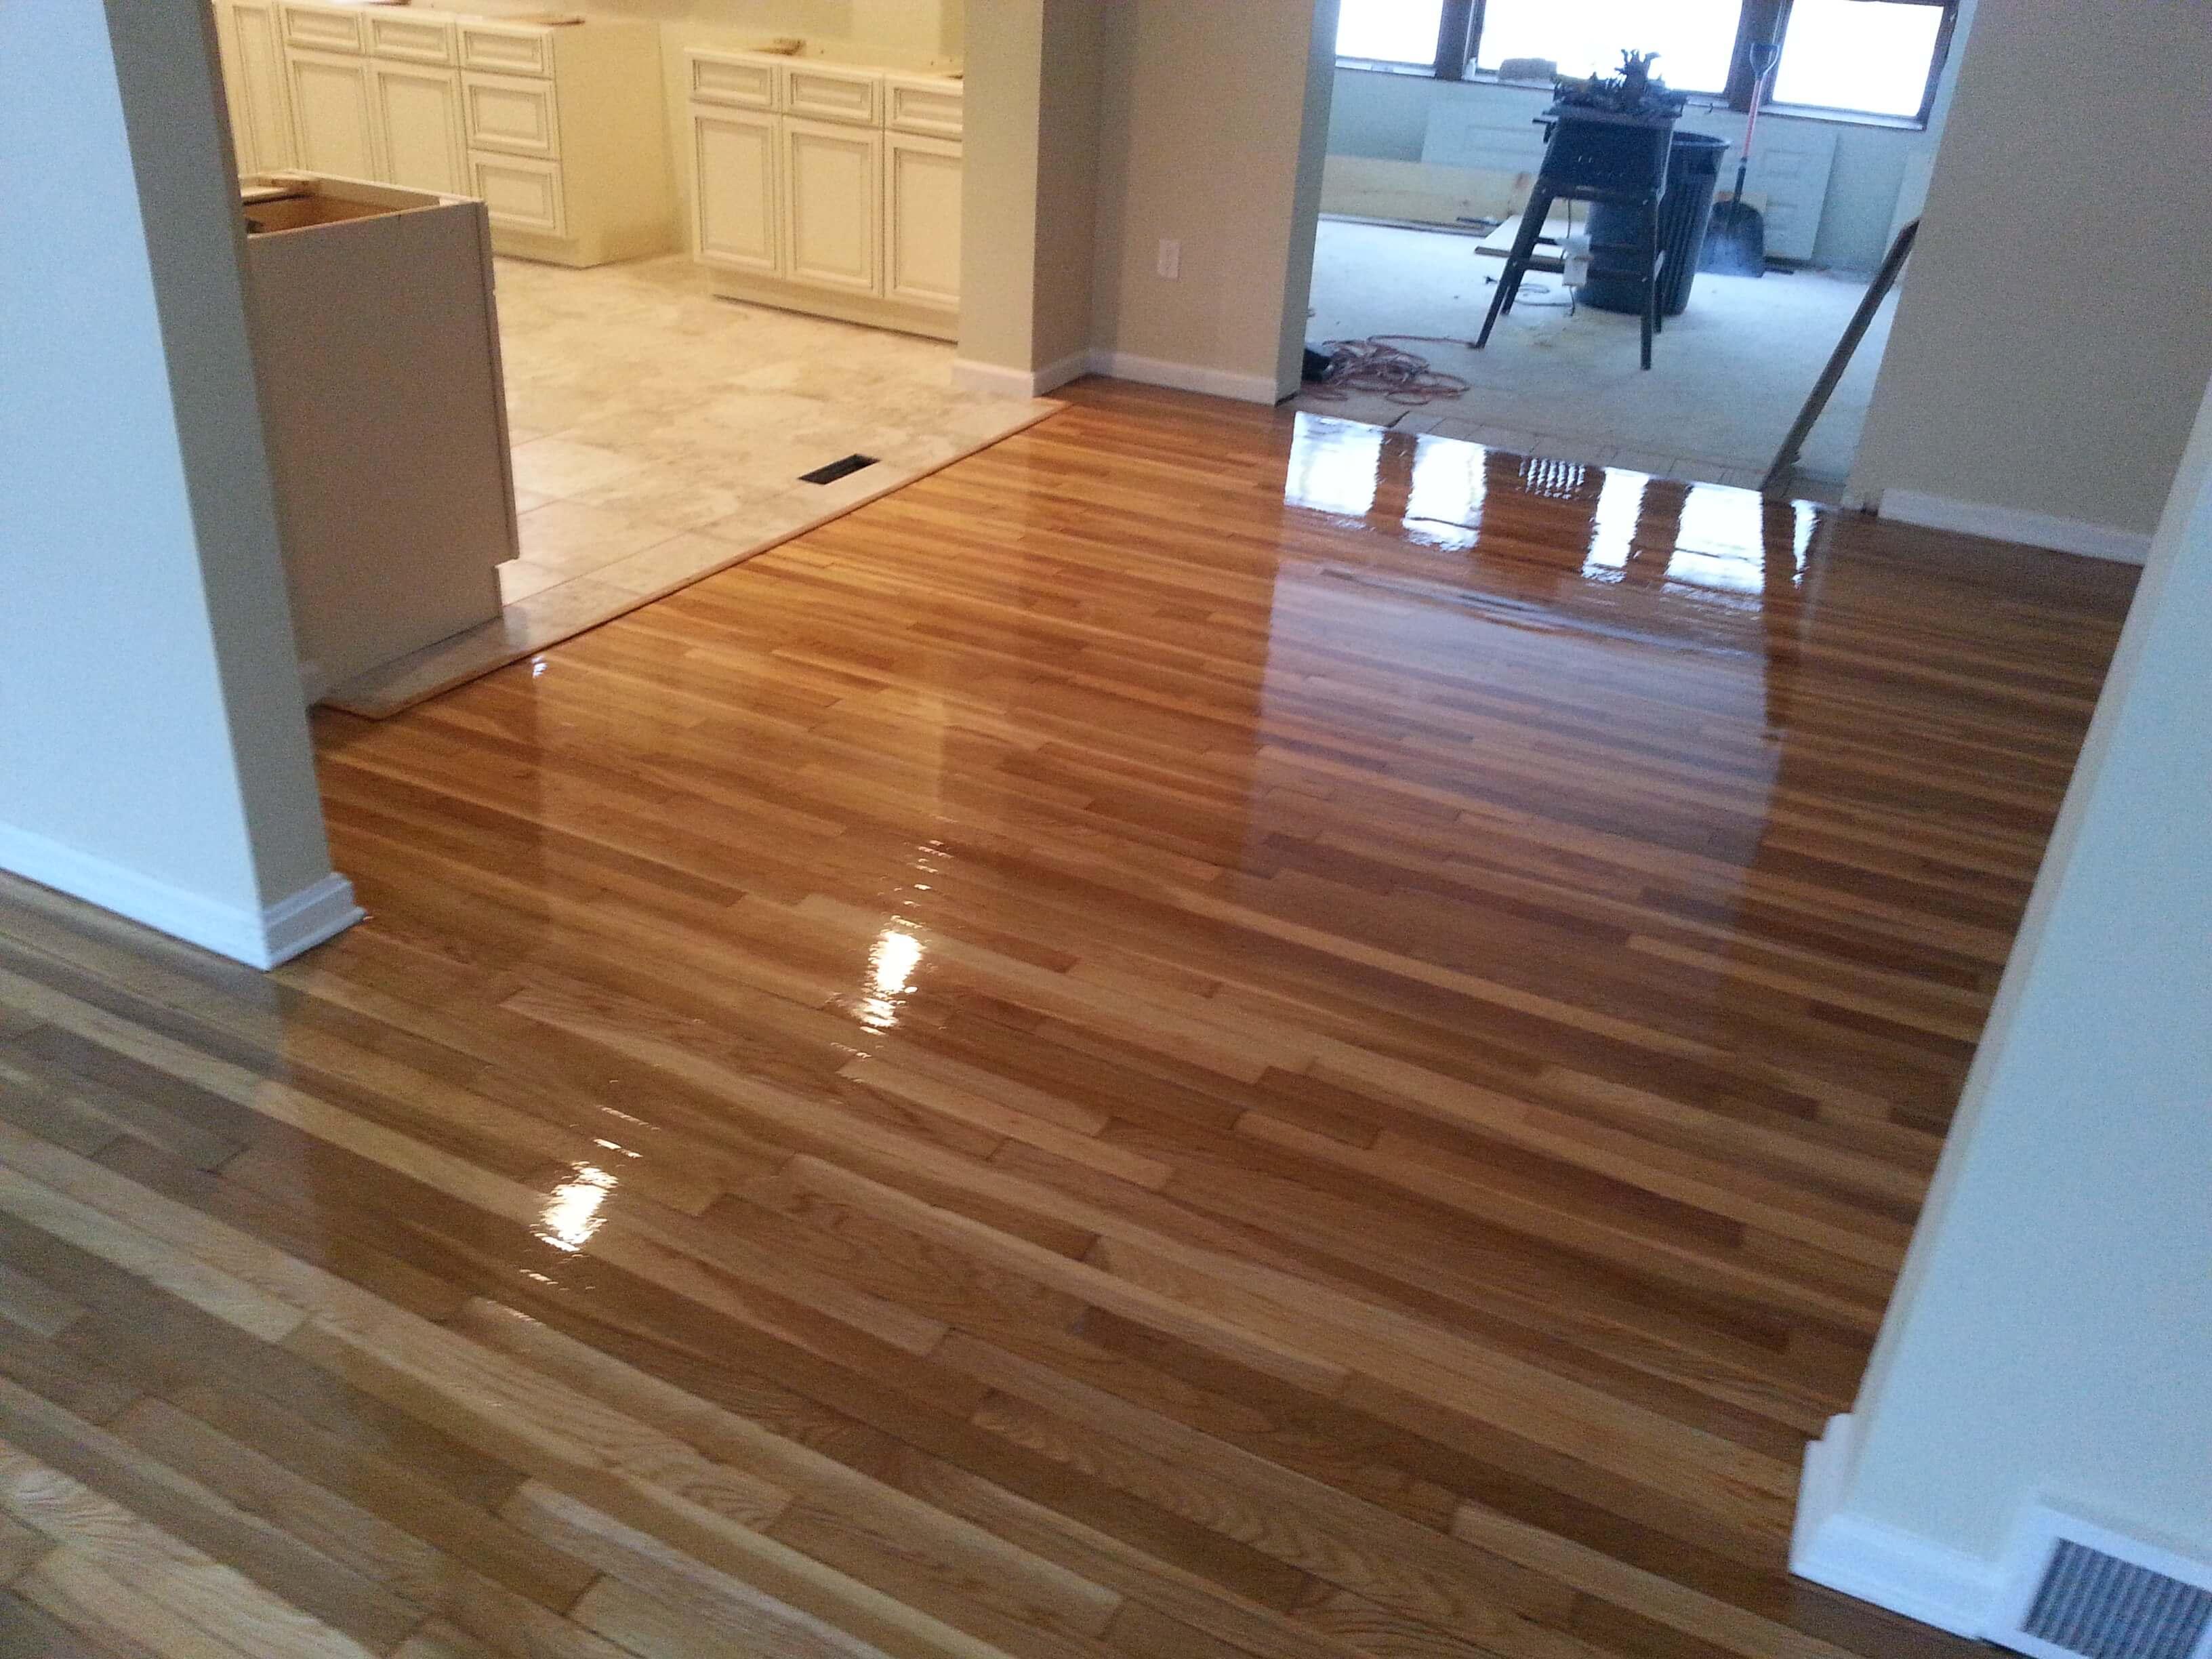 Hardwood floor resurfacing in Huntsville, AL